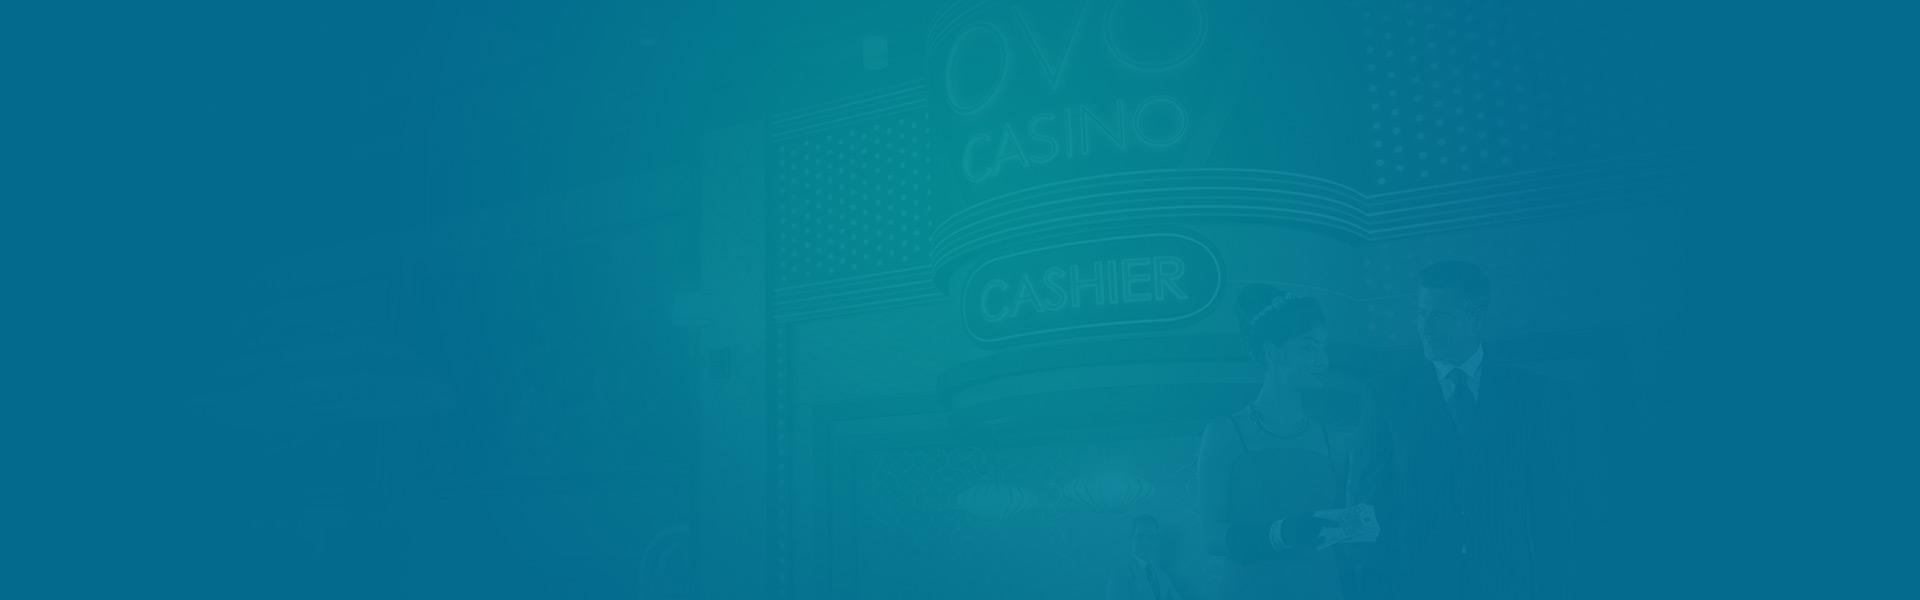 ovo casino top image